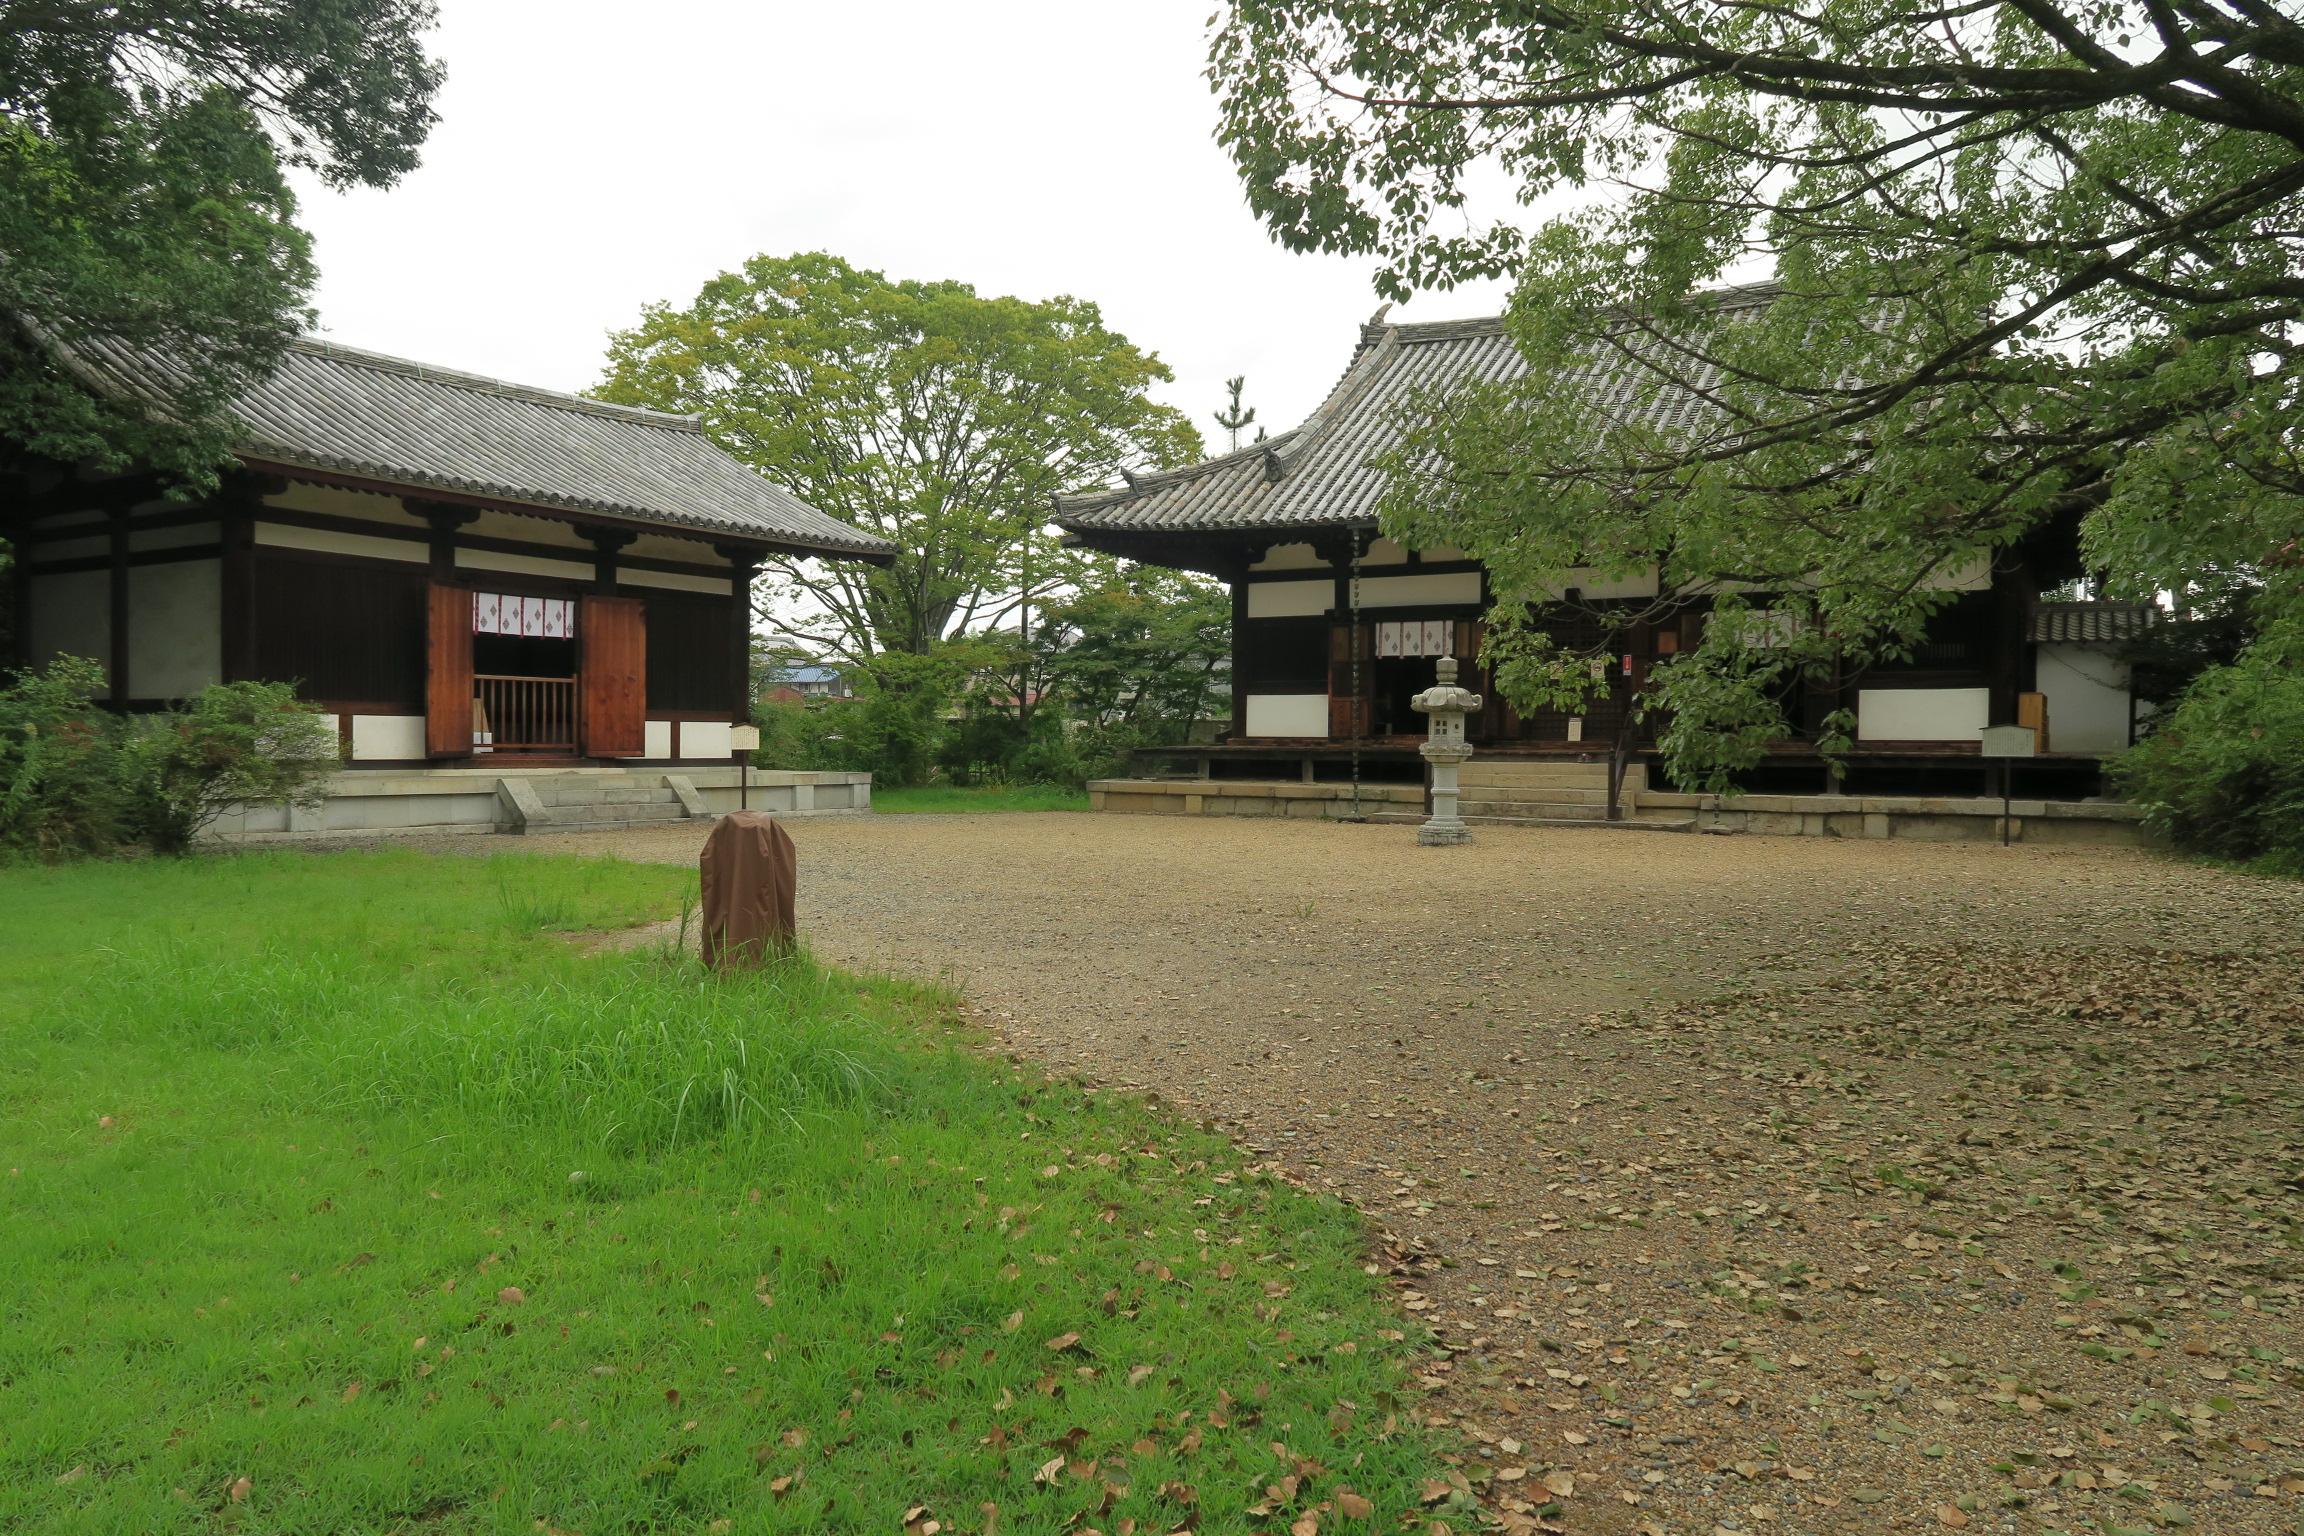 左手にあるのが西金堂。建材の一部は奈良時代の木材が残されています。右は本堂。